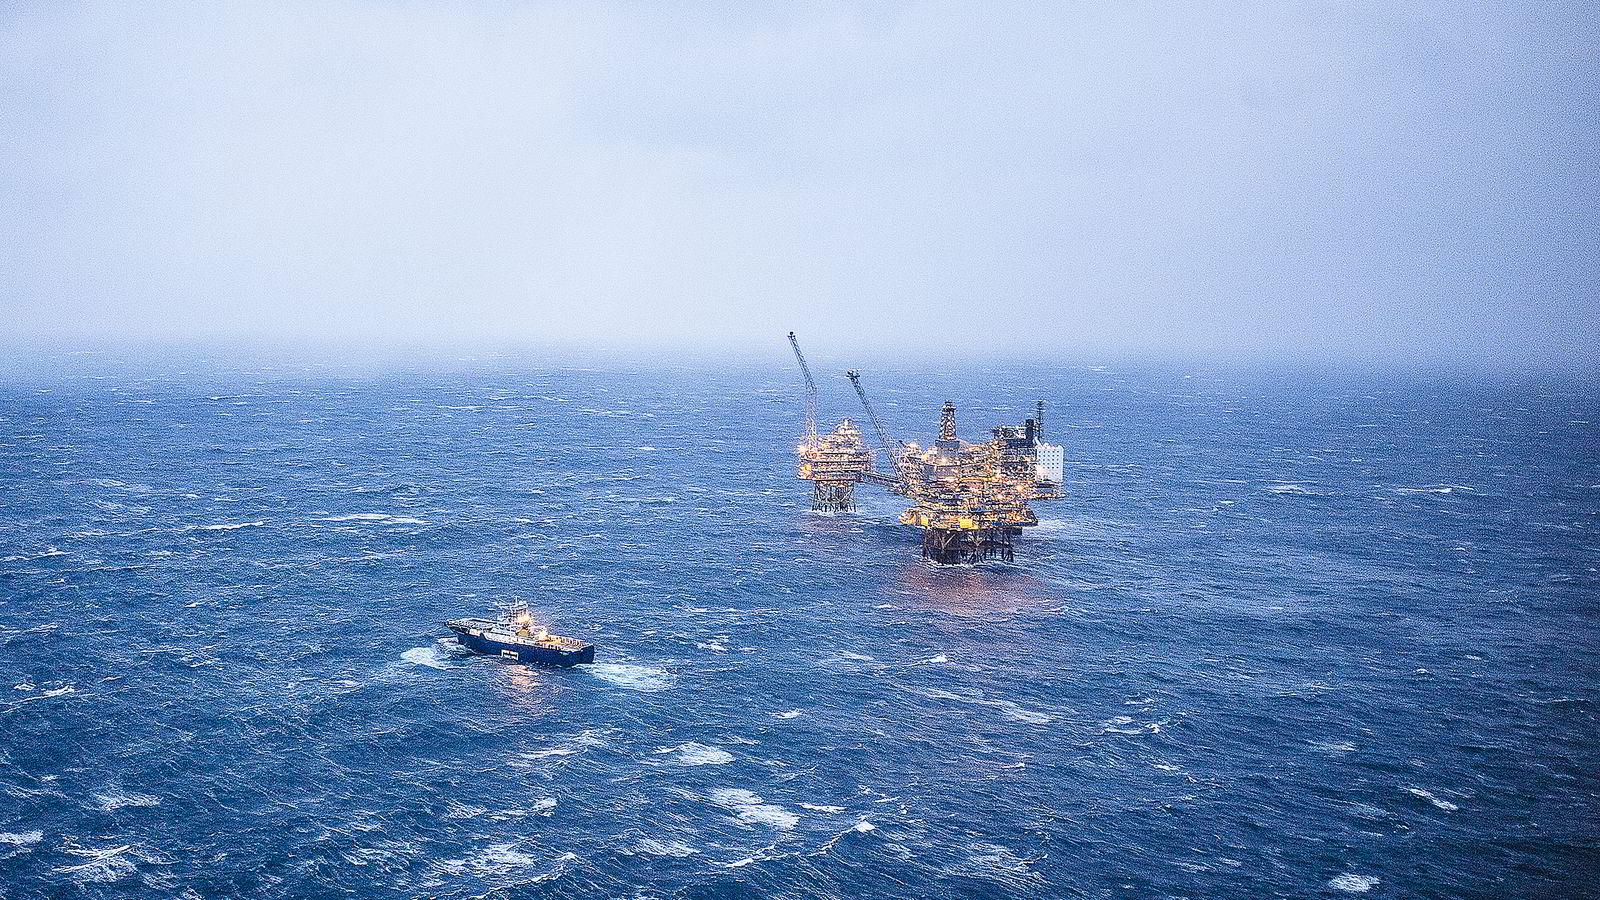 Oseberg feltsenter 25 år er oppgradert og Statoil forventer å produsere olje fra feltet i nye 25 år. Plattform - Oljeplattform -